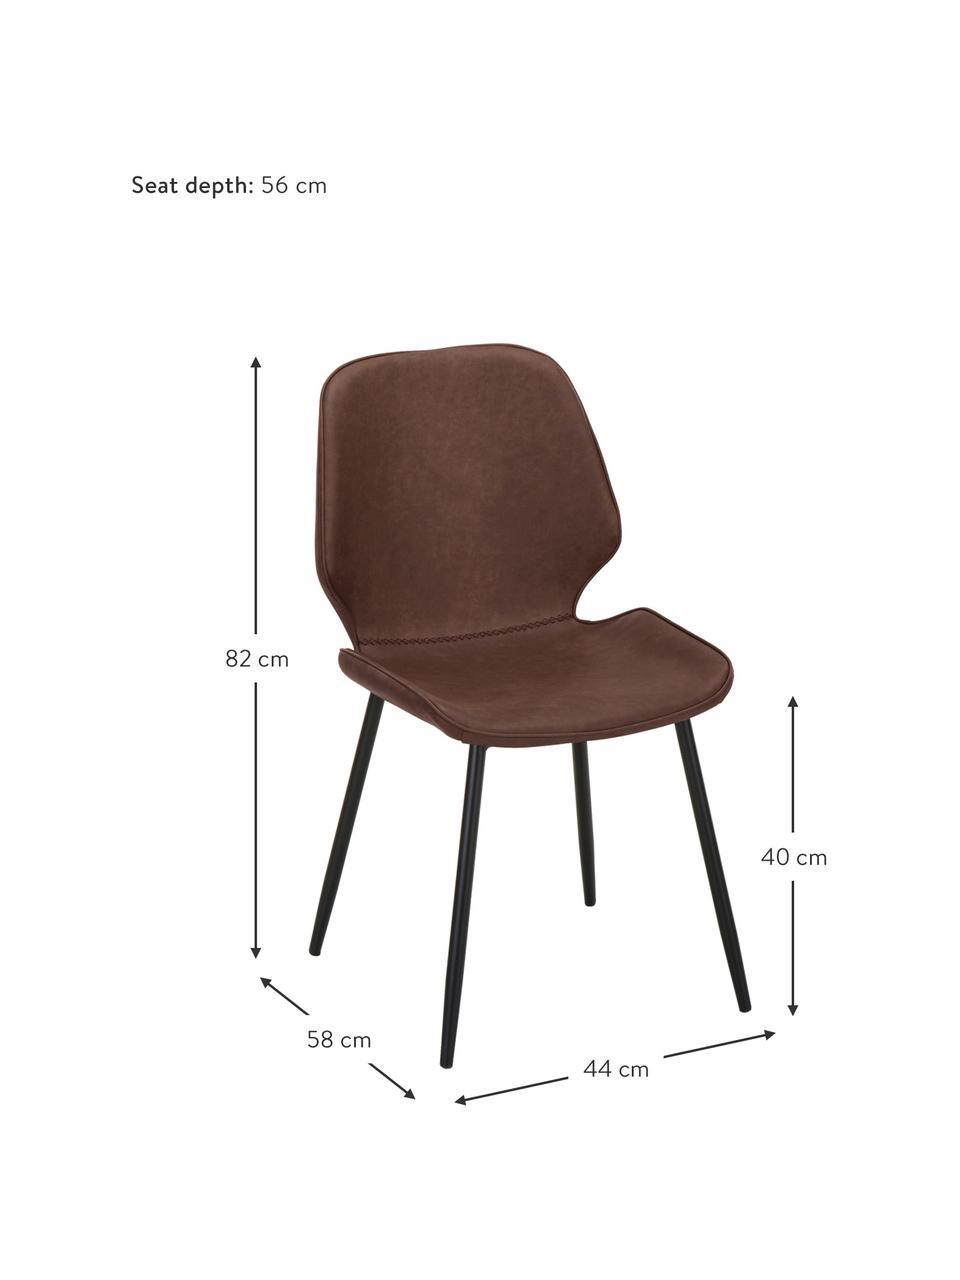 Krzesło tapicerowane ze sztucznej skóry  Louis, 2 szt., Tapicerka: sztuczna skóra (65% polie, Nogi: metal malowany proszkowo, Brązowy, S 44 x G 58 cm